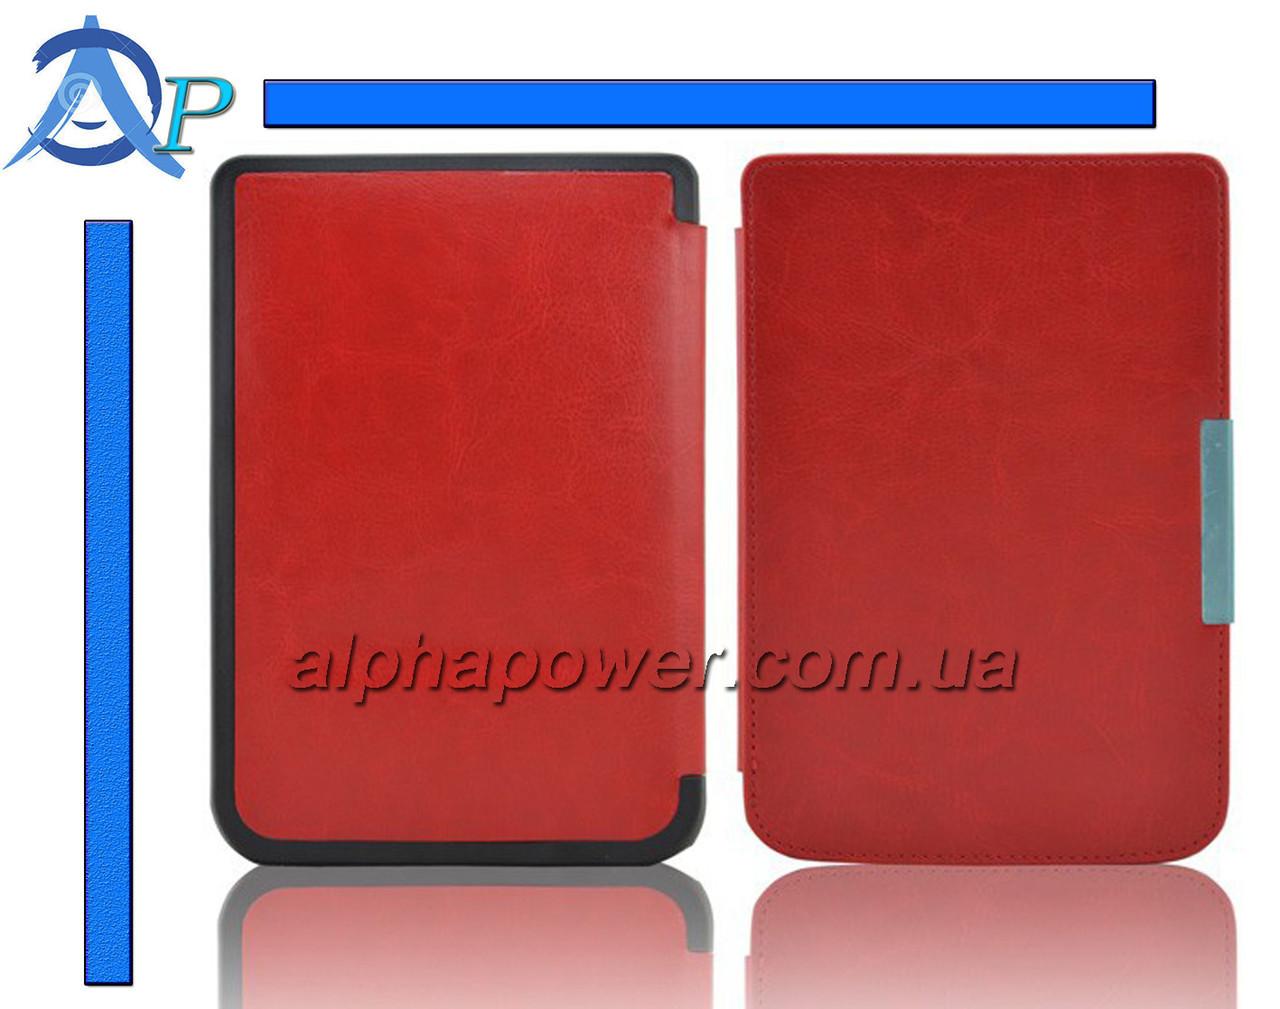 Обложка (чехол) для электронной книги PocketBook Touch 622 / Touch Lux 623  красный